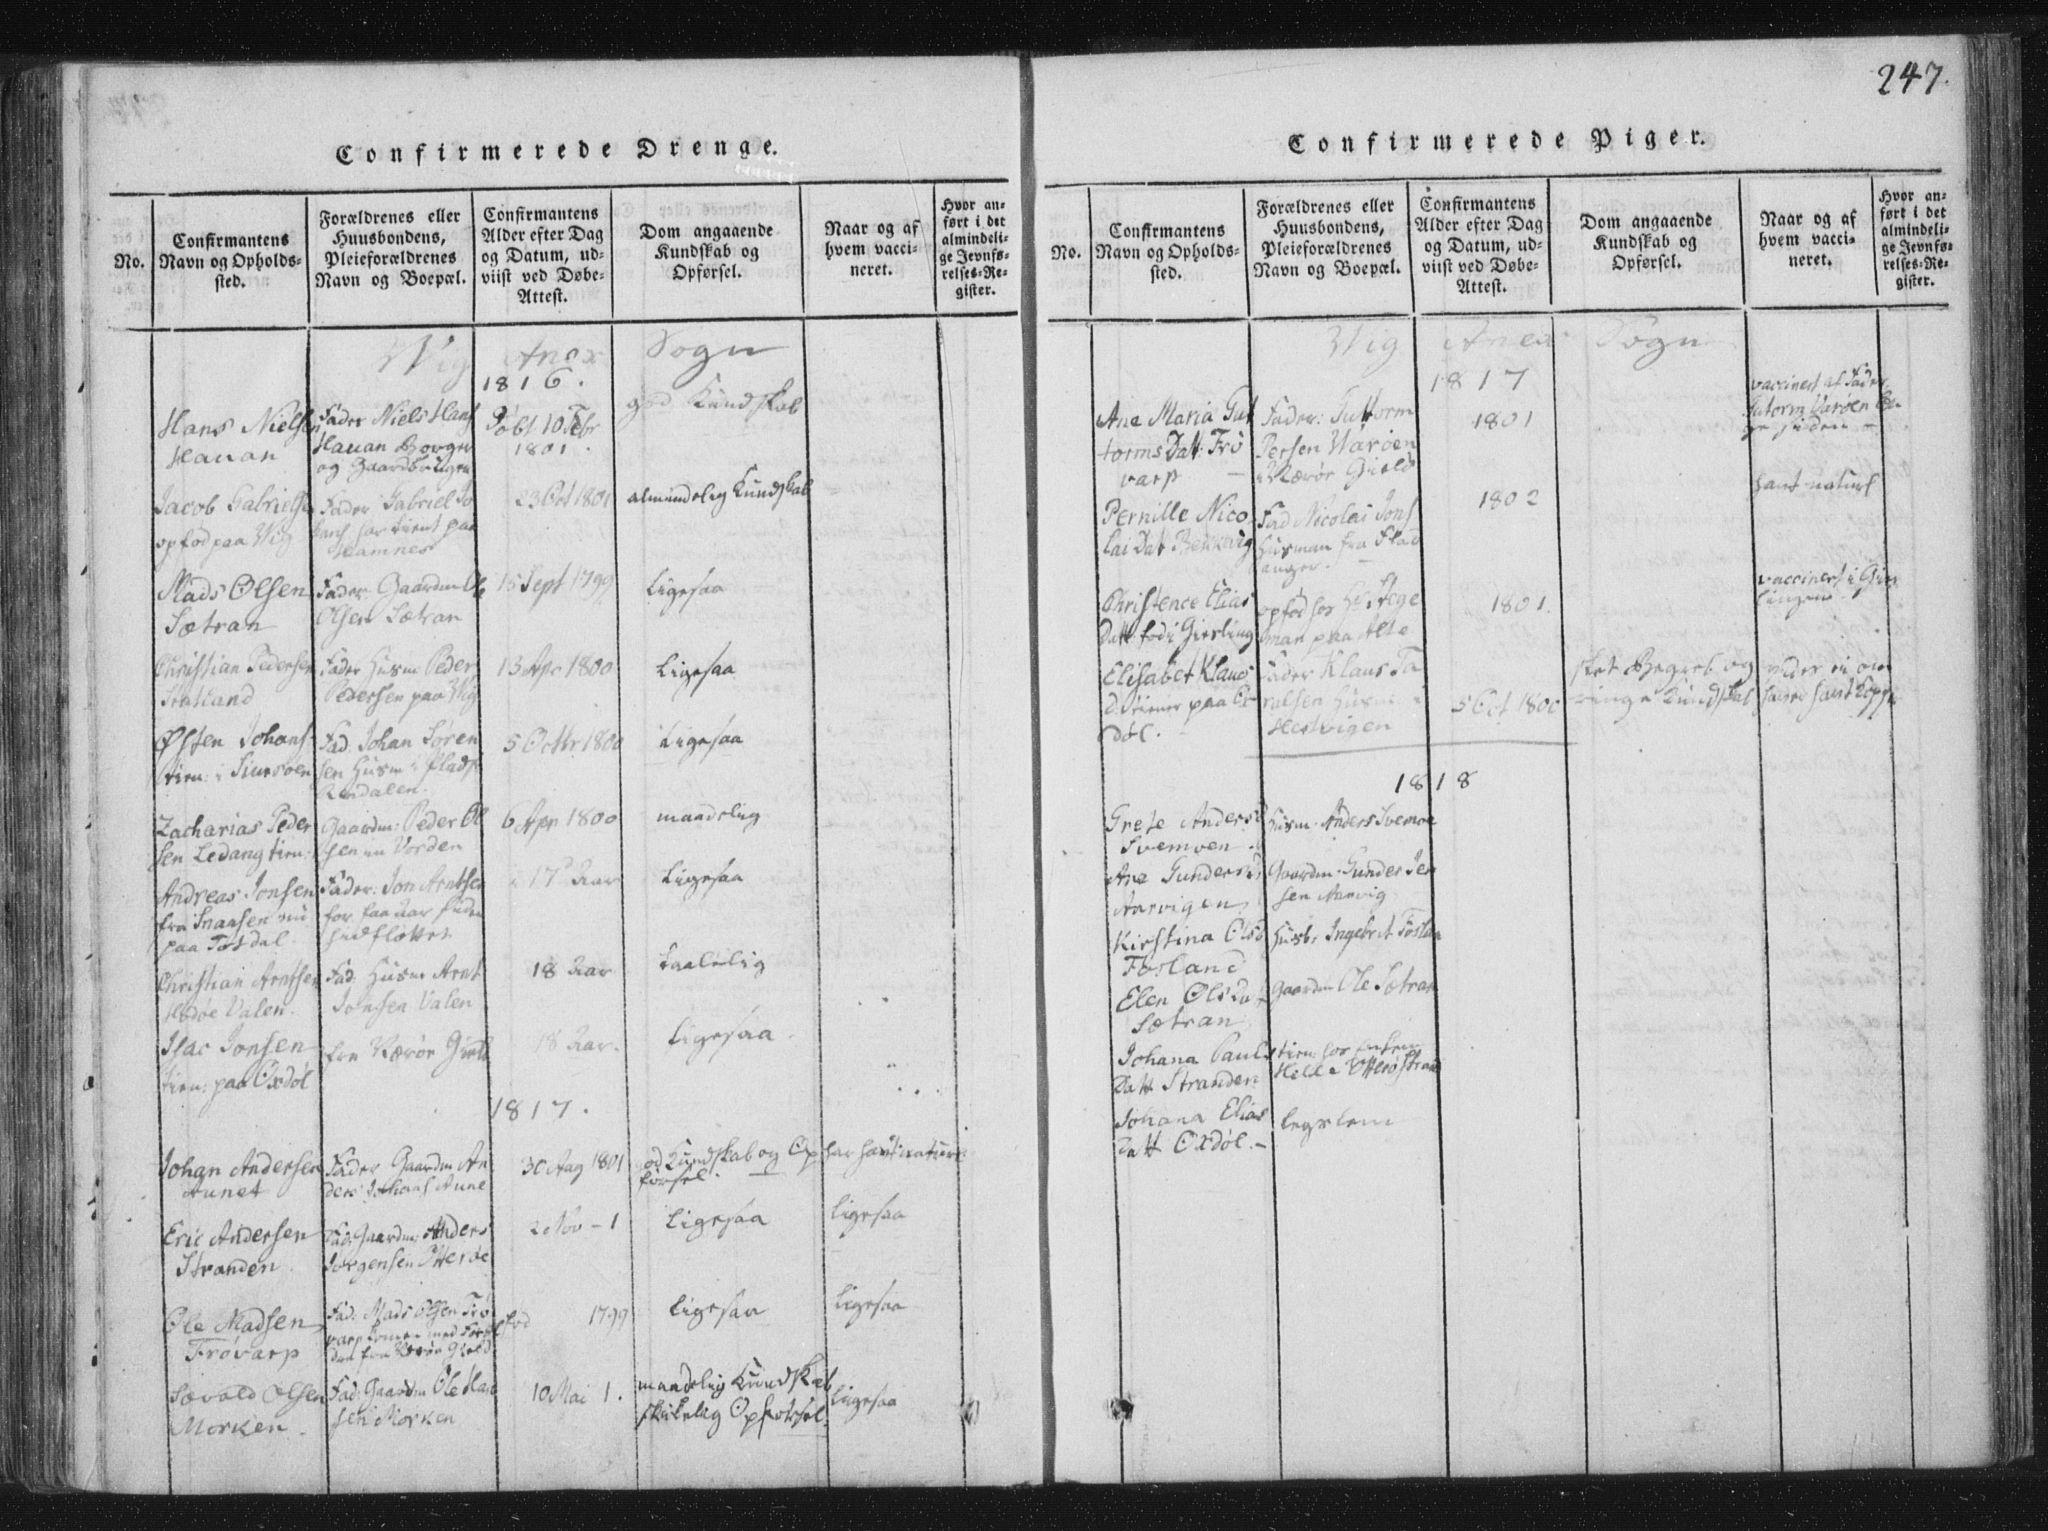 SAT, Ministerialprotokoller, klokkerbøker og fødselsregistre - Nord-Trøndelag, 773/L0609: Ministerialbok nr. 773A03 /2, 1815-1830, s. 247